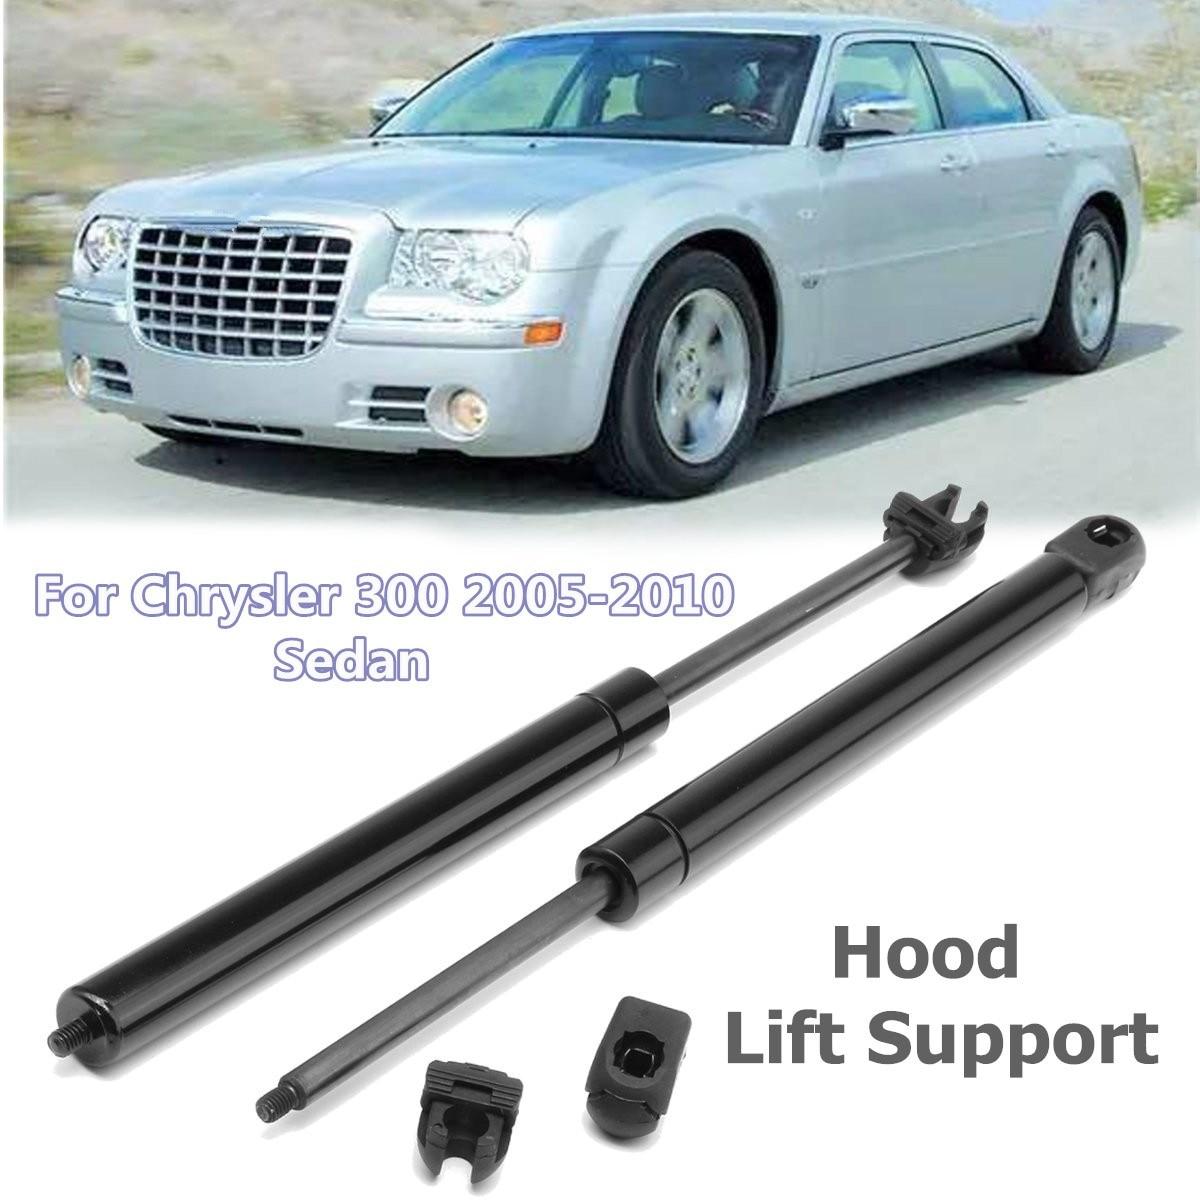 2Pcs 340mm Car Front Bonnet Lift Hood Shock Gas Struts For Chrysler 300 2005-2010 Sedan for Dodge Challenger Magnum система охлаждения after market 5017183ab chrysler 300 dodge magnum concorde